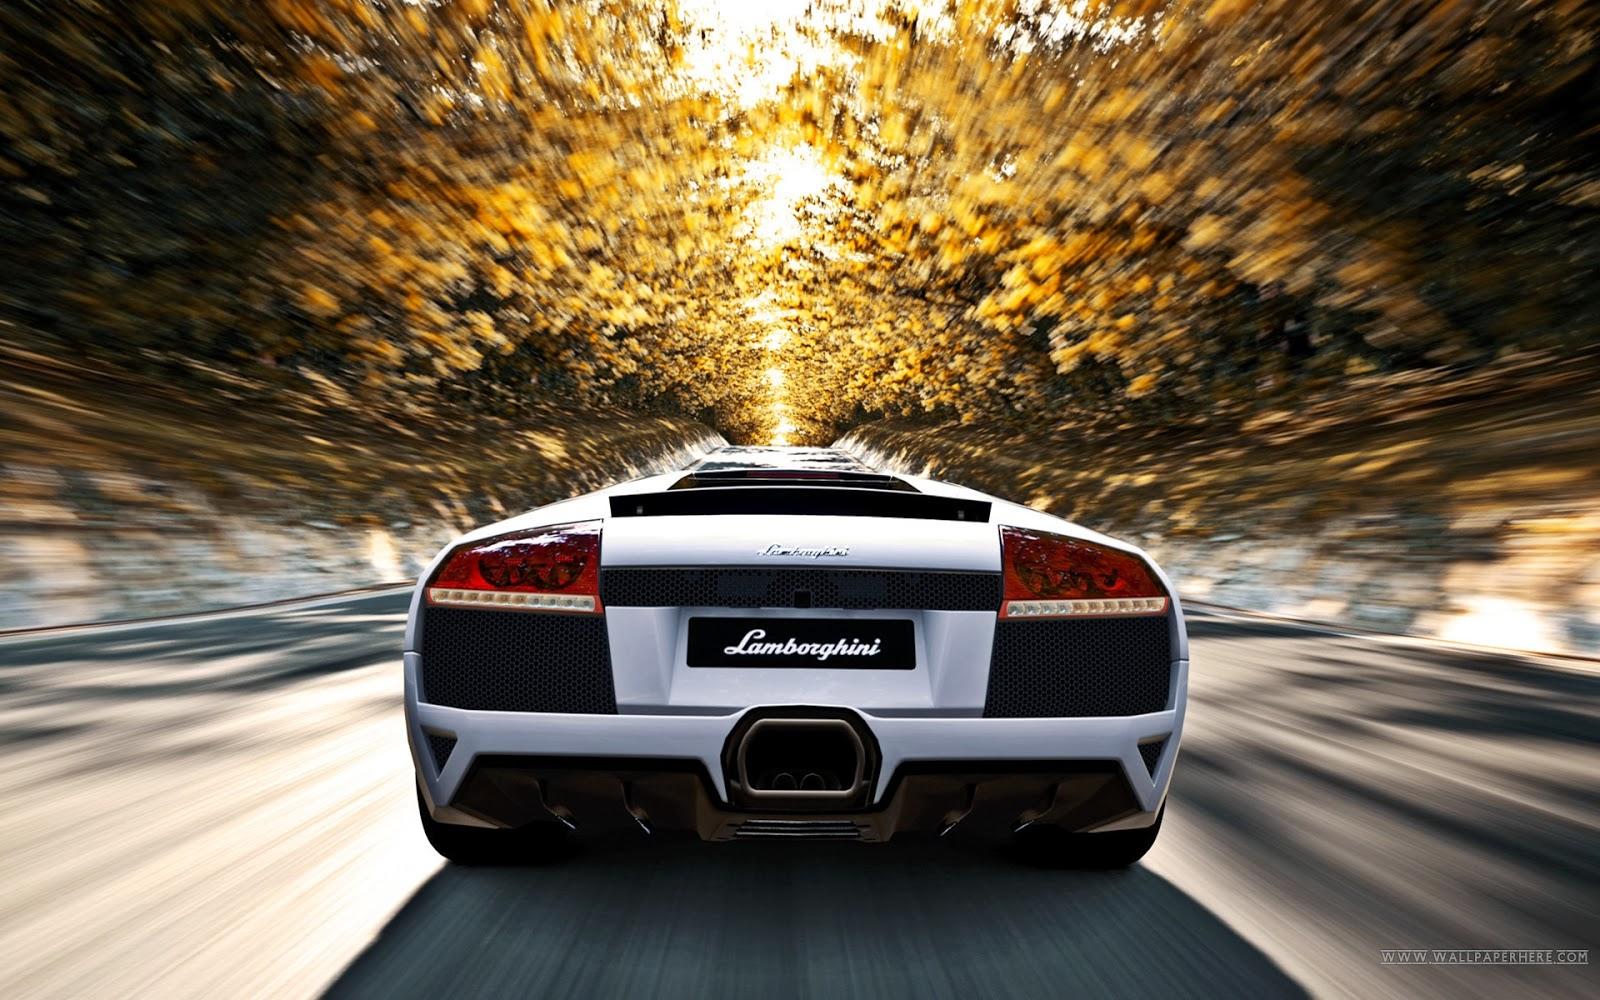 """<img src=""""http://1.bp.blogspot.com/-gzr--aHo5RM/Uu1XVmLwkKI/AAAAAAAAK1o/RdTJ3VL7fcg/s1600/lamborghini-lp640-car-wallaper.jpg"""" alt=""""Lamborghini wallpaper"""" />"""